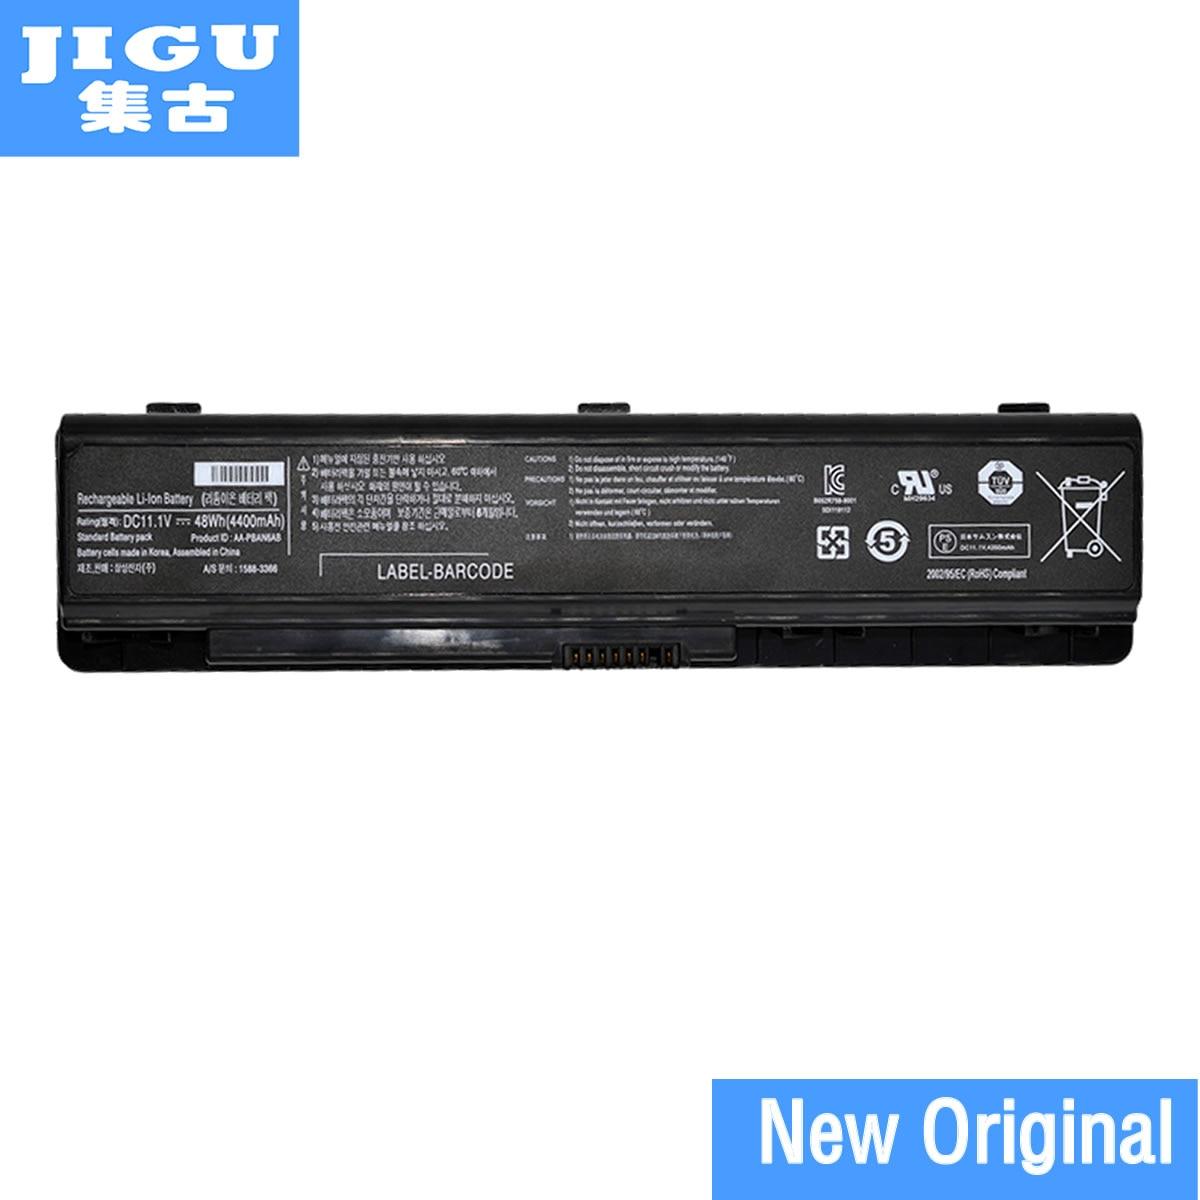 JIGU Original Battery AA-PBAN6AB AA-PLAN6AB AA-PLAN9AB For Samsung 200B 400B 410B 600B NP200B NP400B NP600B P200 P400 NT200 тиристор ux motor 5 600 bta16 600b 50 bta16 600b